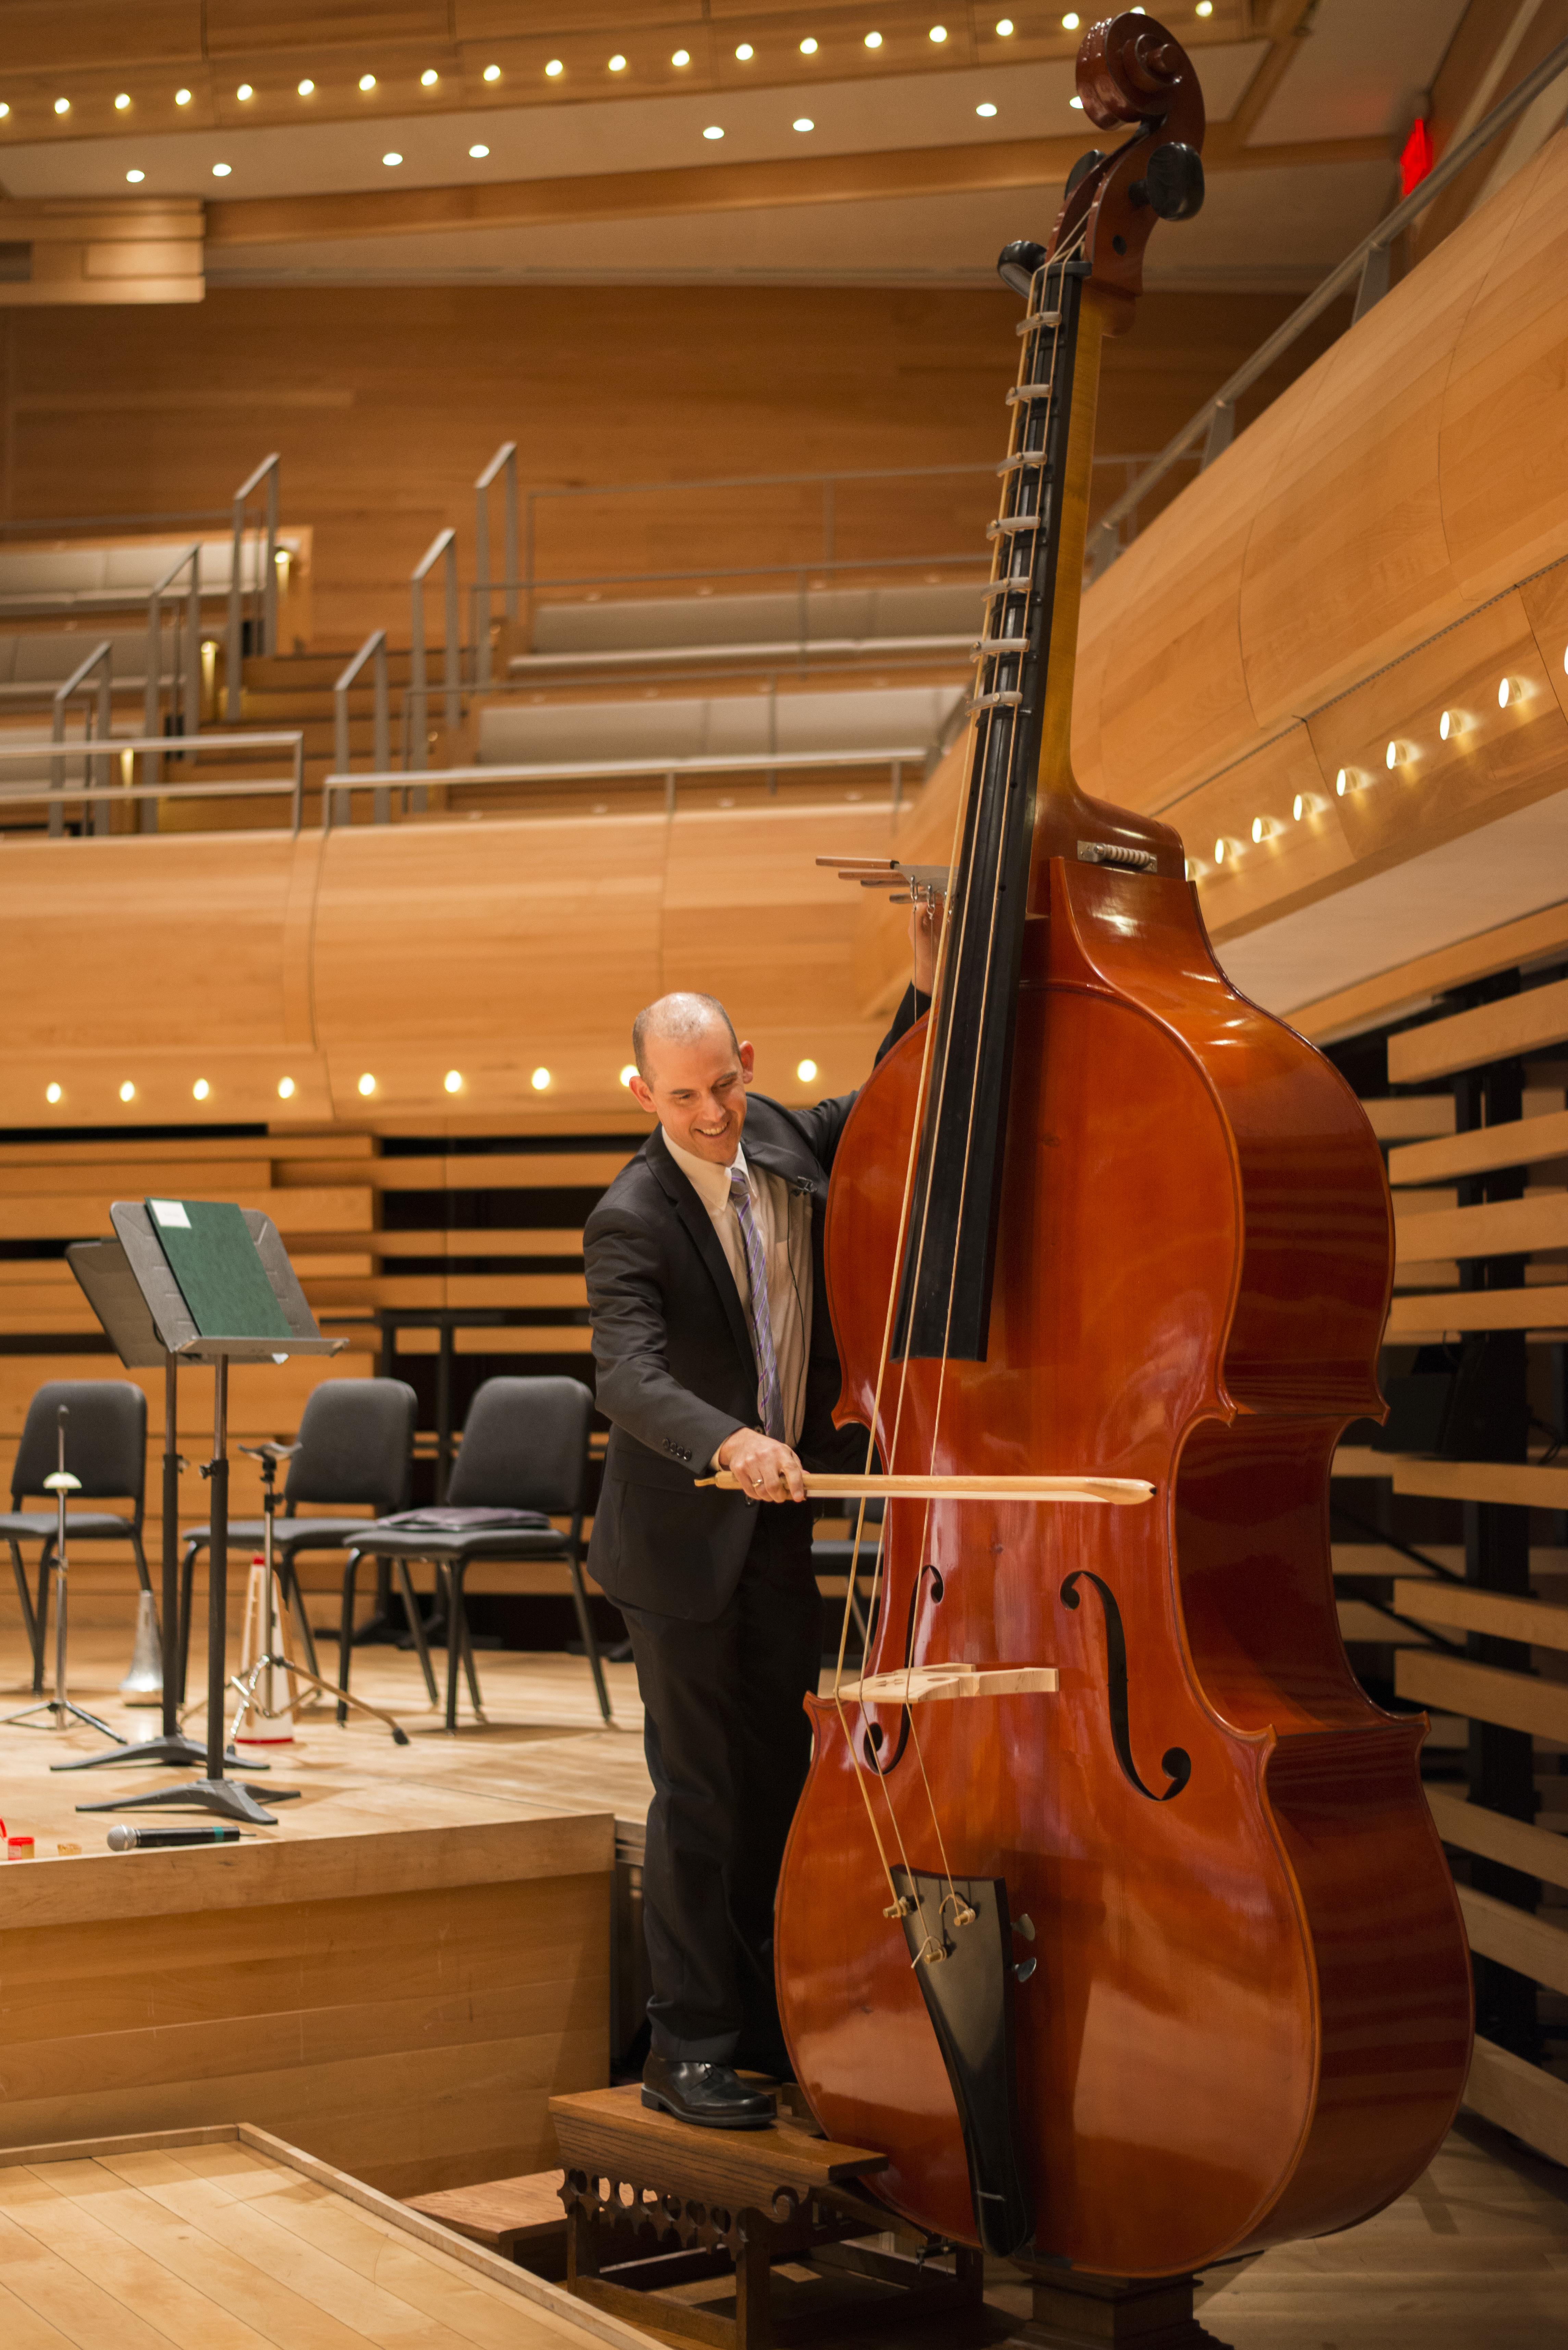 Octobasse de l'orchestre symphonique de Montréal